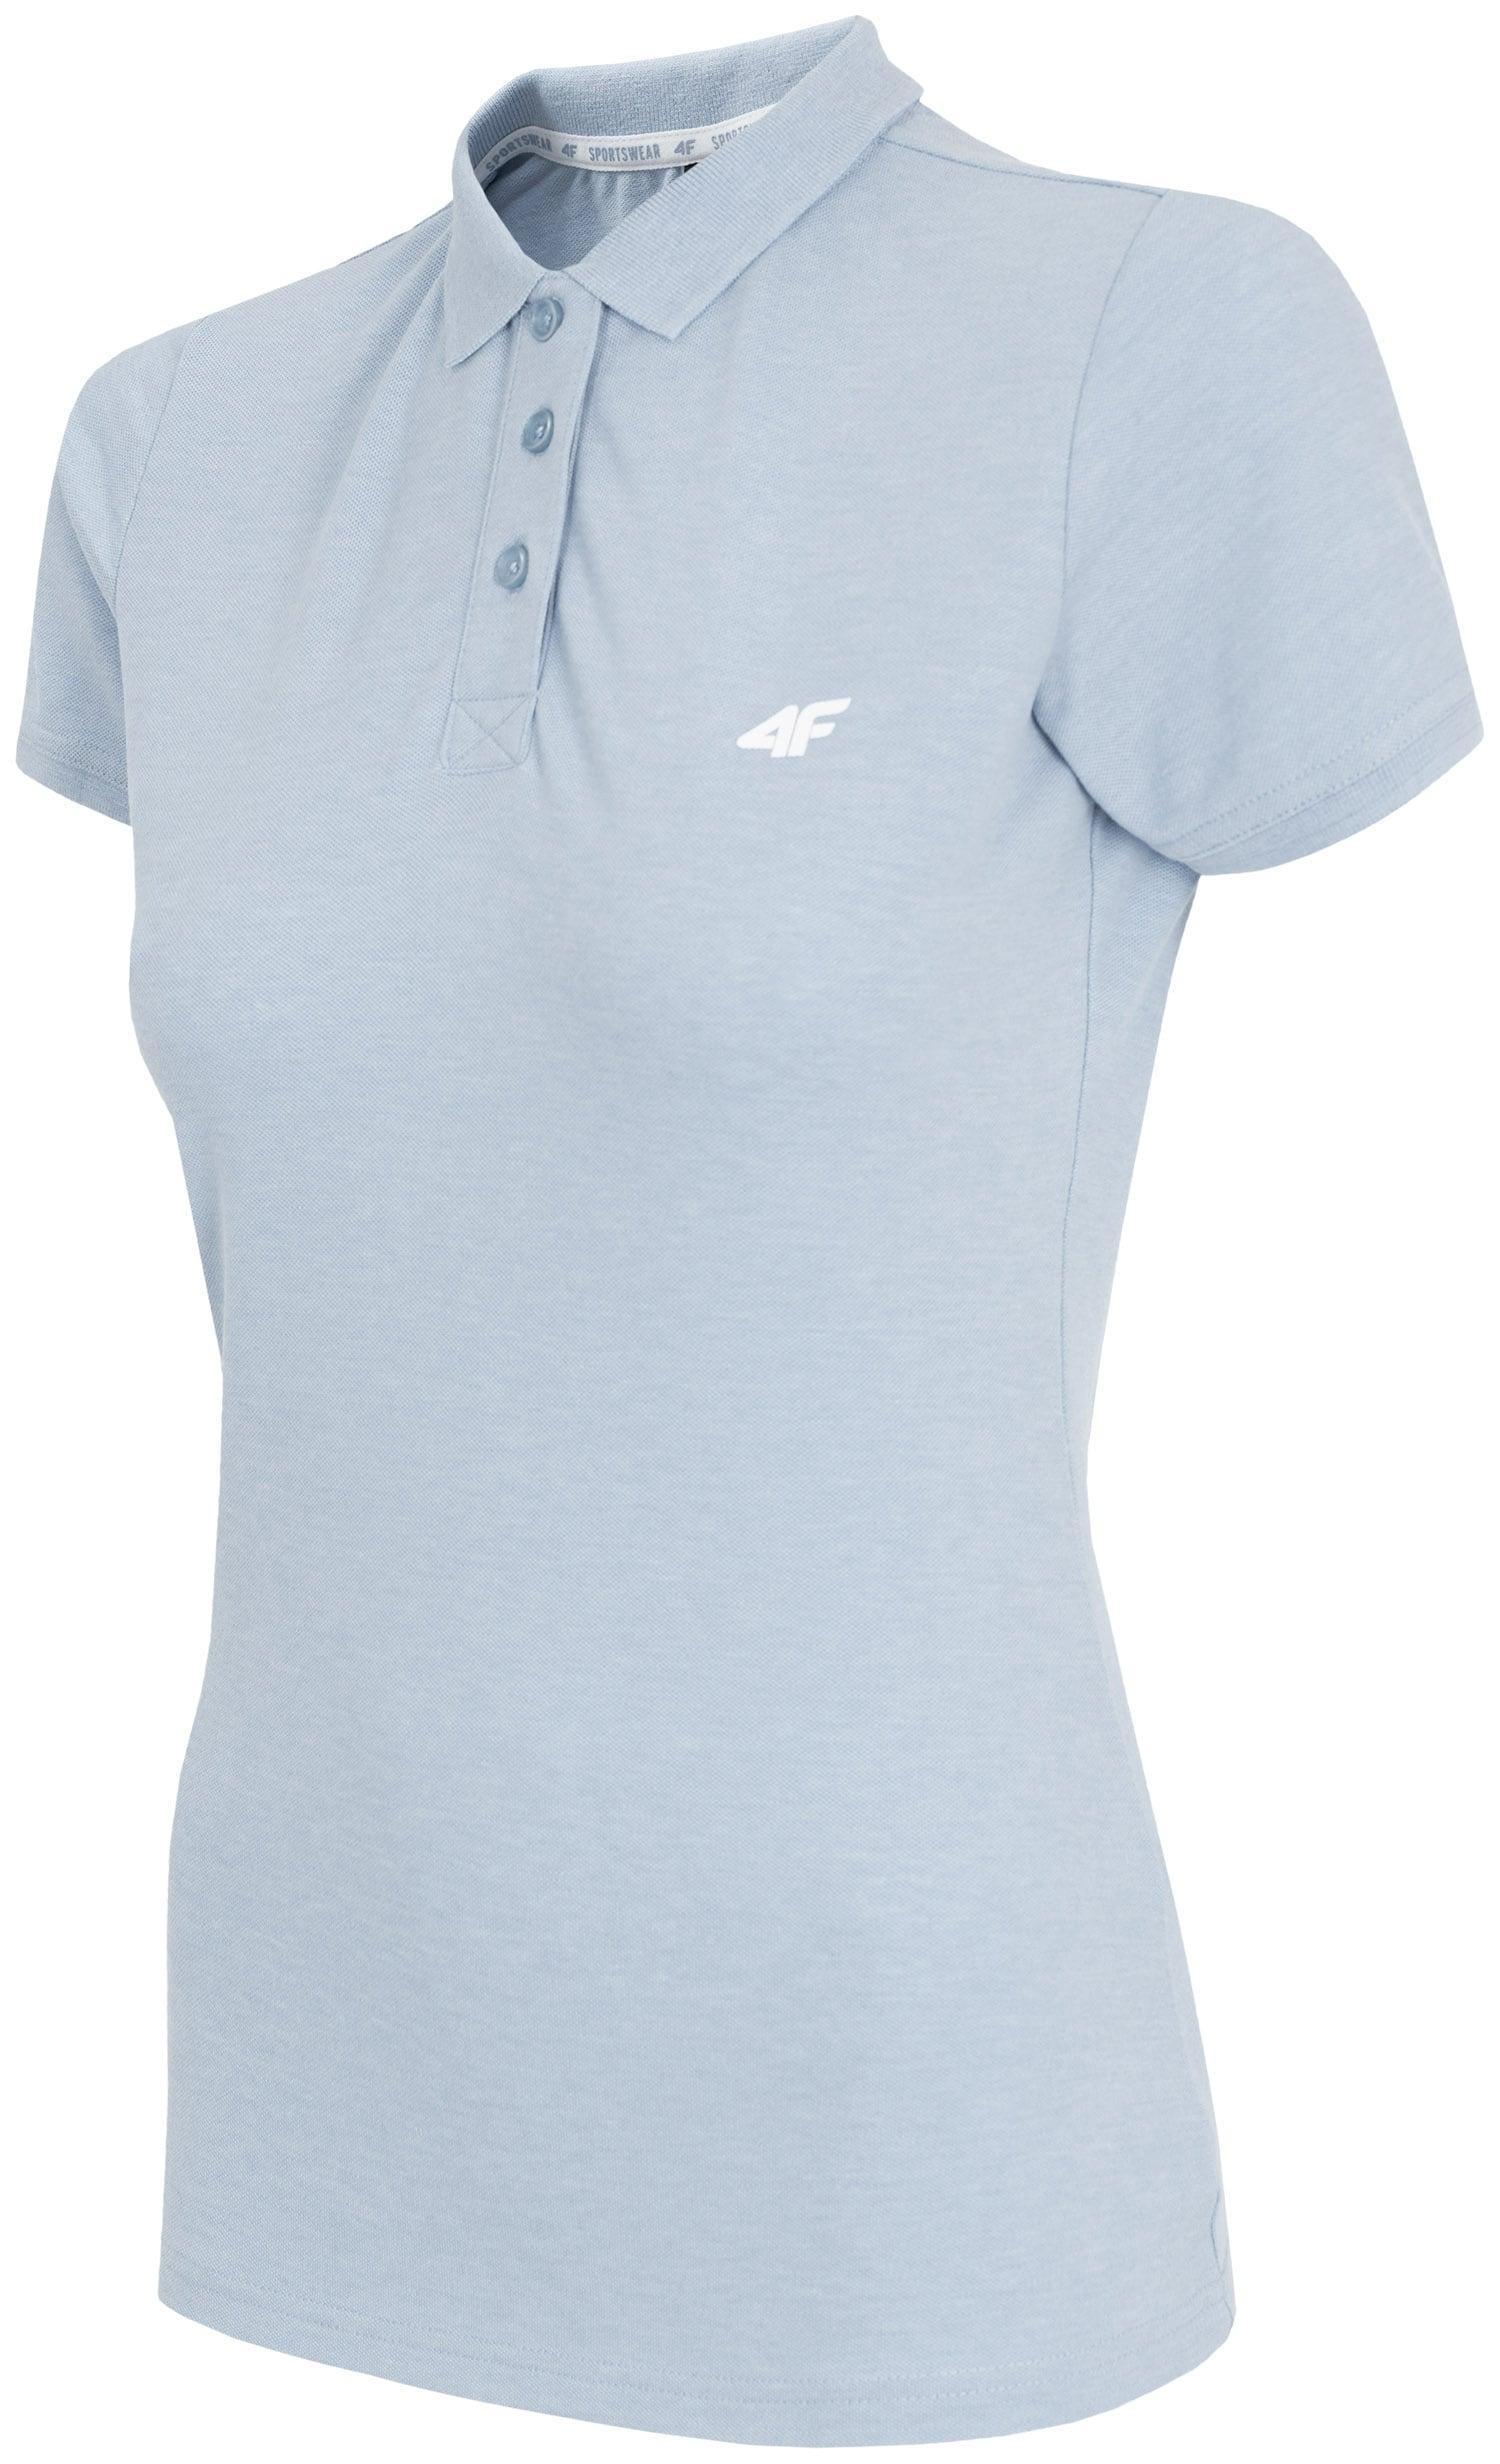 Koszulka polo damska TSD404 - jasny niebieski melanż